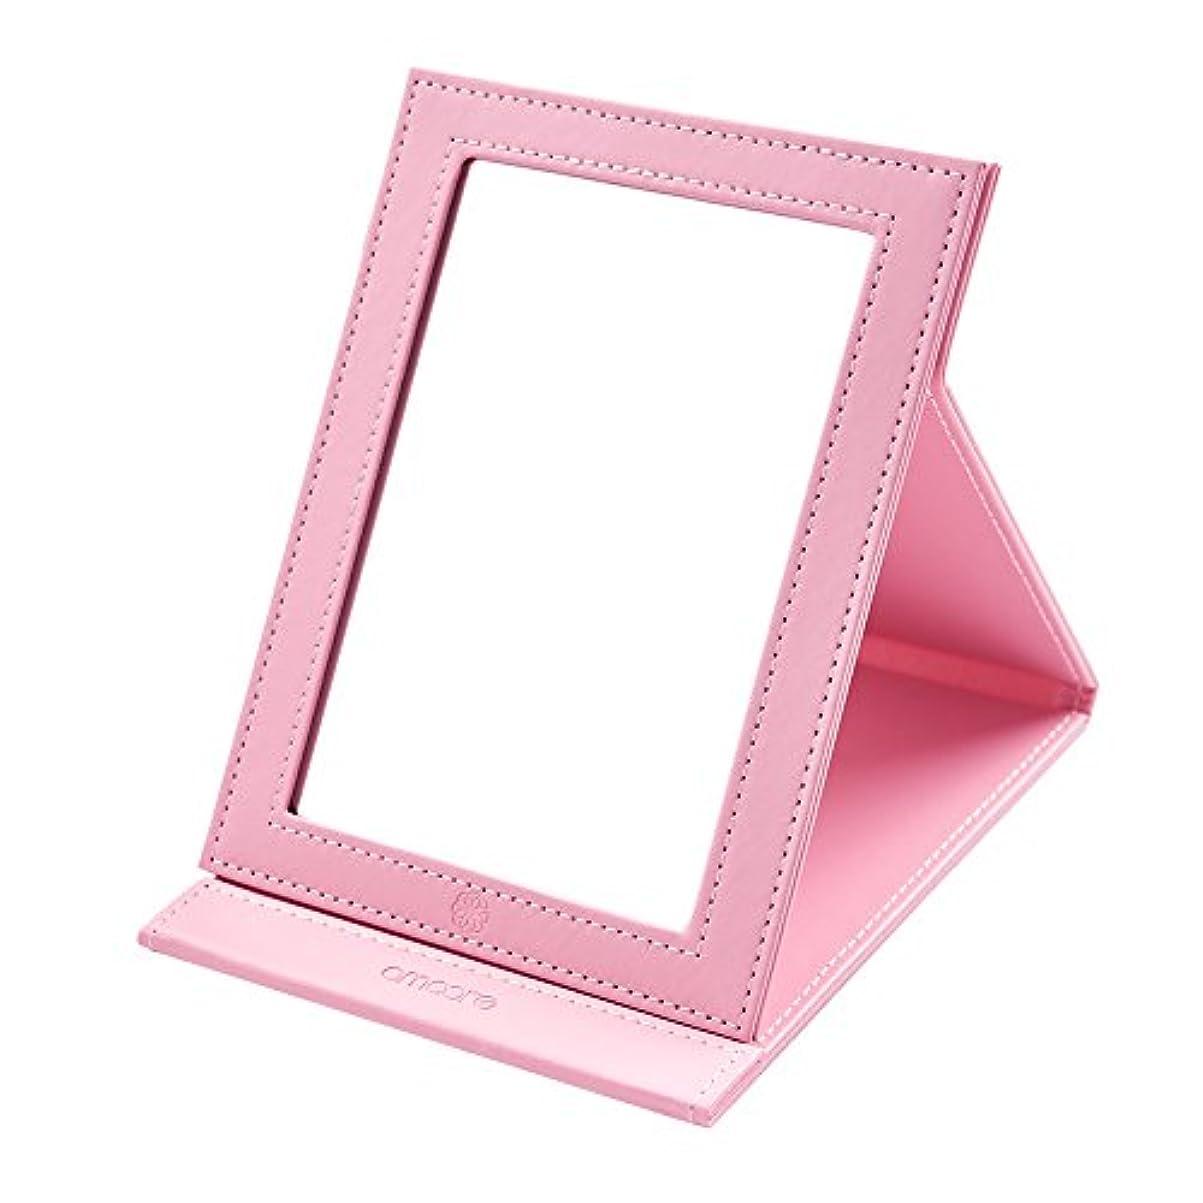 にじみ出る重要なタクトamoore 化粧鏡 卓上スタンドミラー 折りたたみミラー 角度調整 上質PUレザー使用 (ビッグ, ピンク)